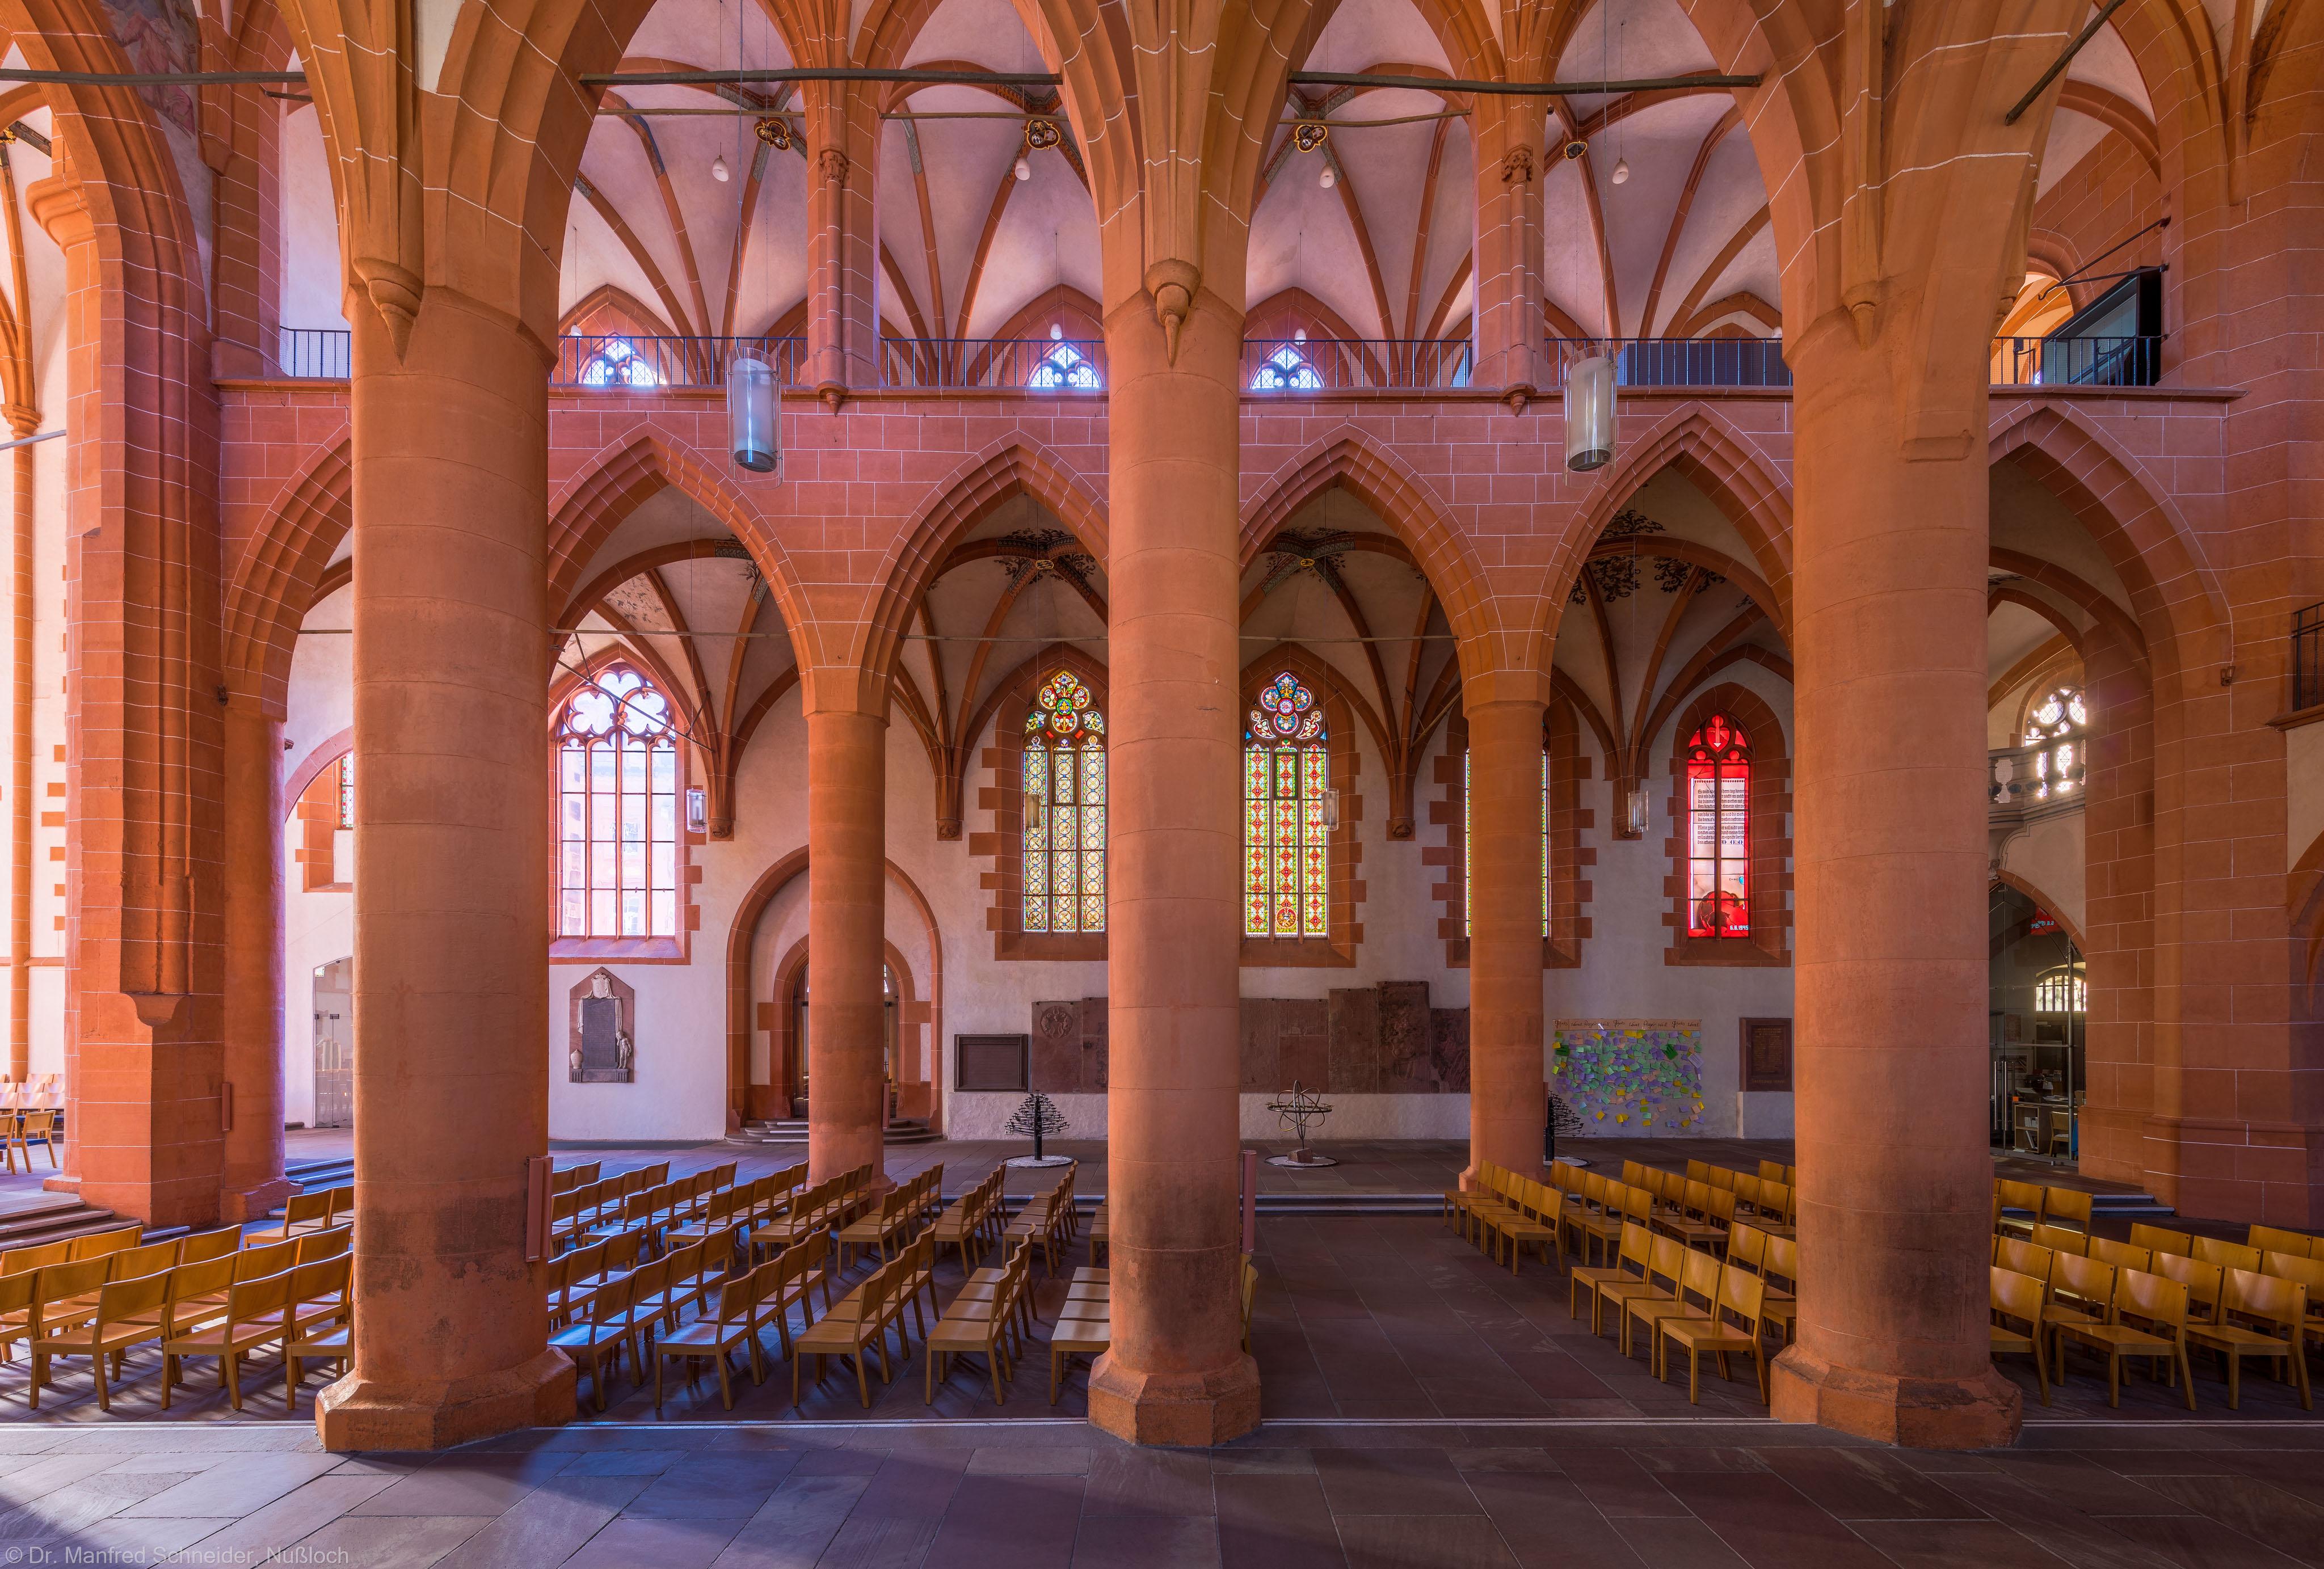 Heidelberg - Heiliggeistkirche - Südschiff - Blick vom Nordschiff durch das Mittelschiff auf das Südschiff und die Südempore (aufgenommen im September 2015, am Vormittag)